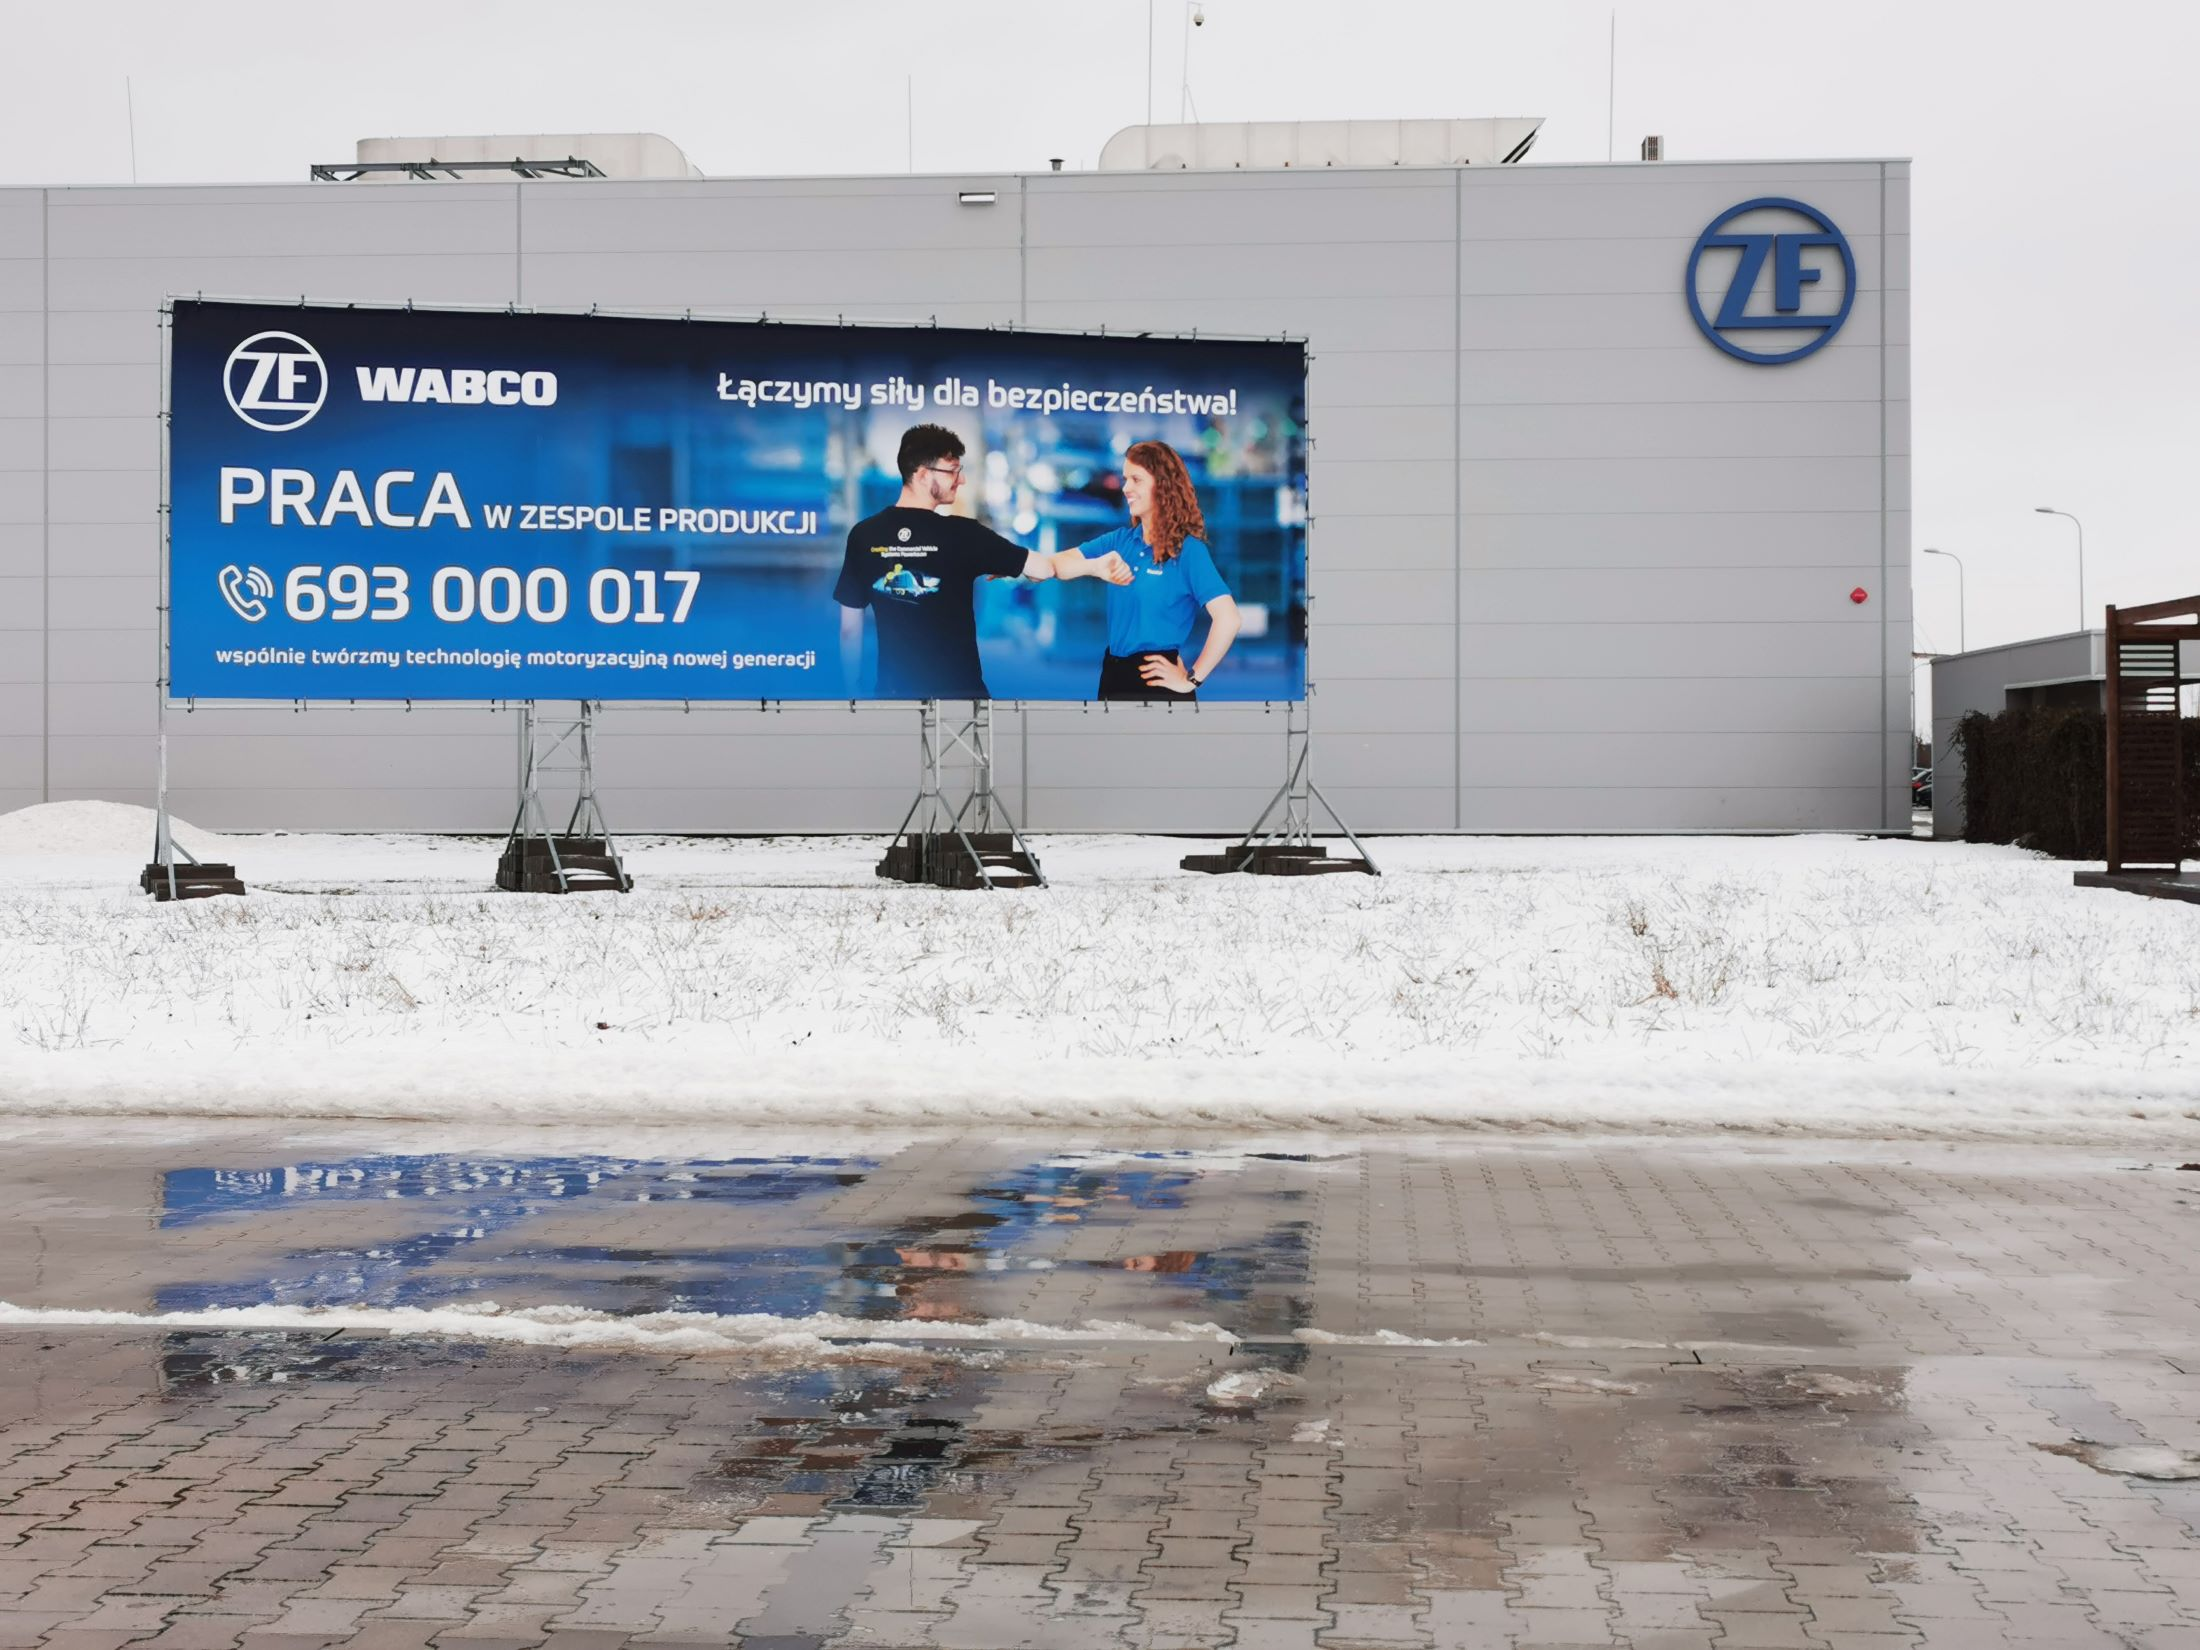 billboard 15x5